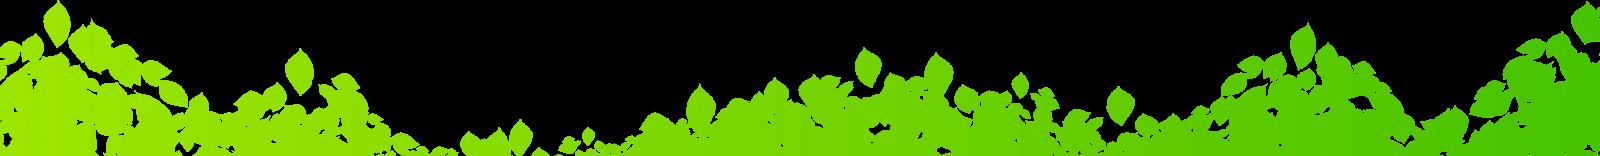 foglie verdi Nazena